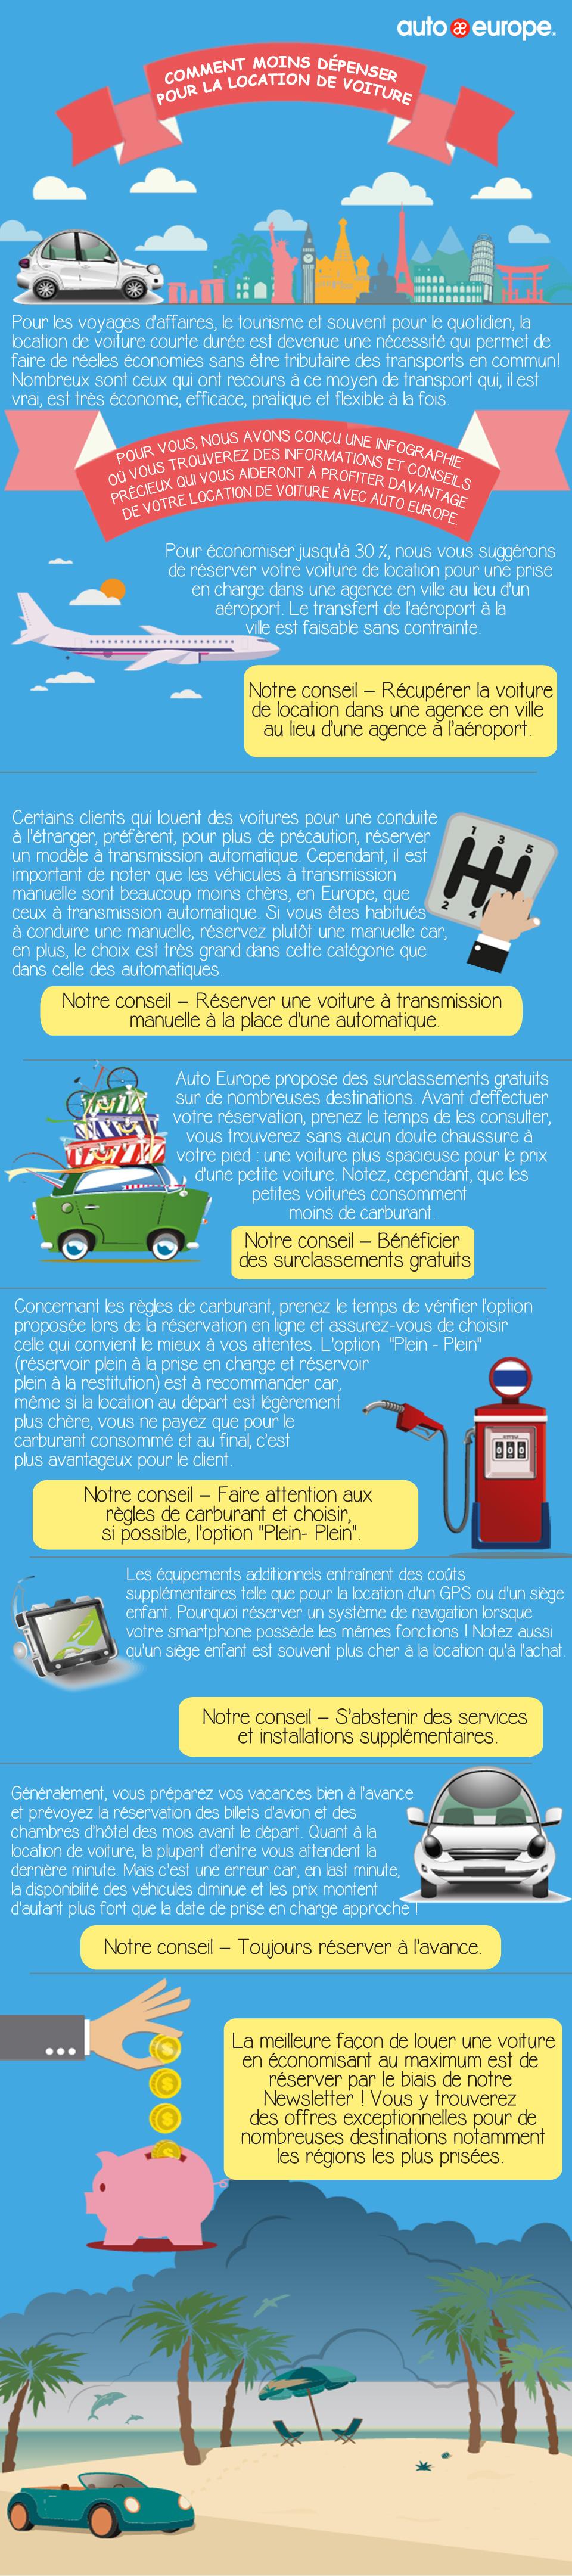 Voitures de location Auto Europe - Infos précieuses pour économiser sur la voiture de location